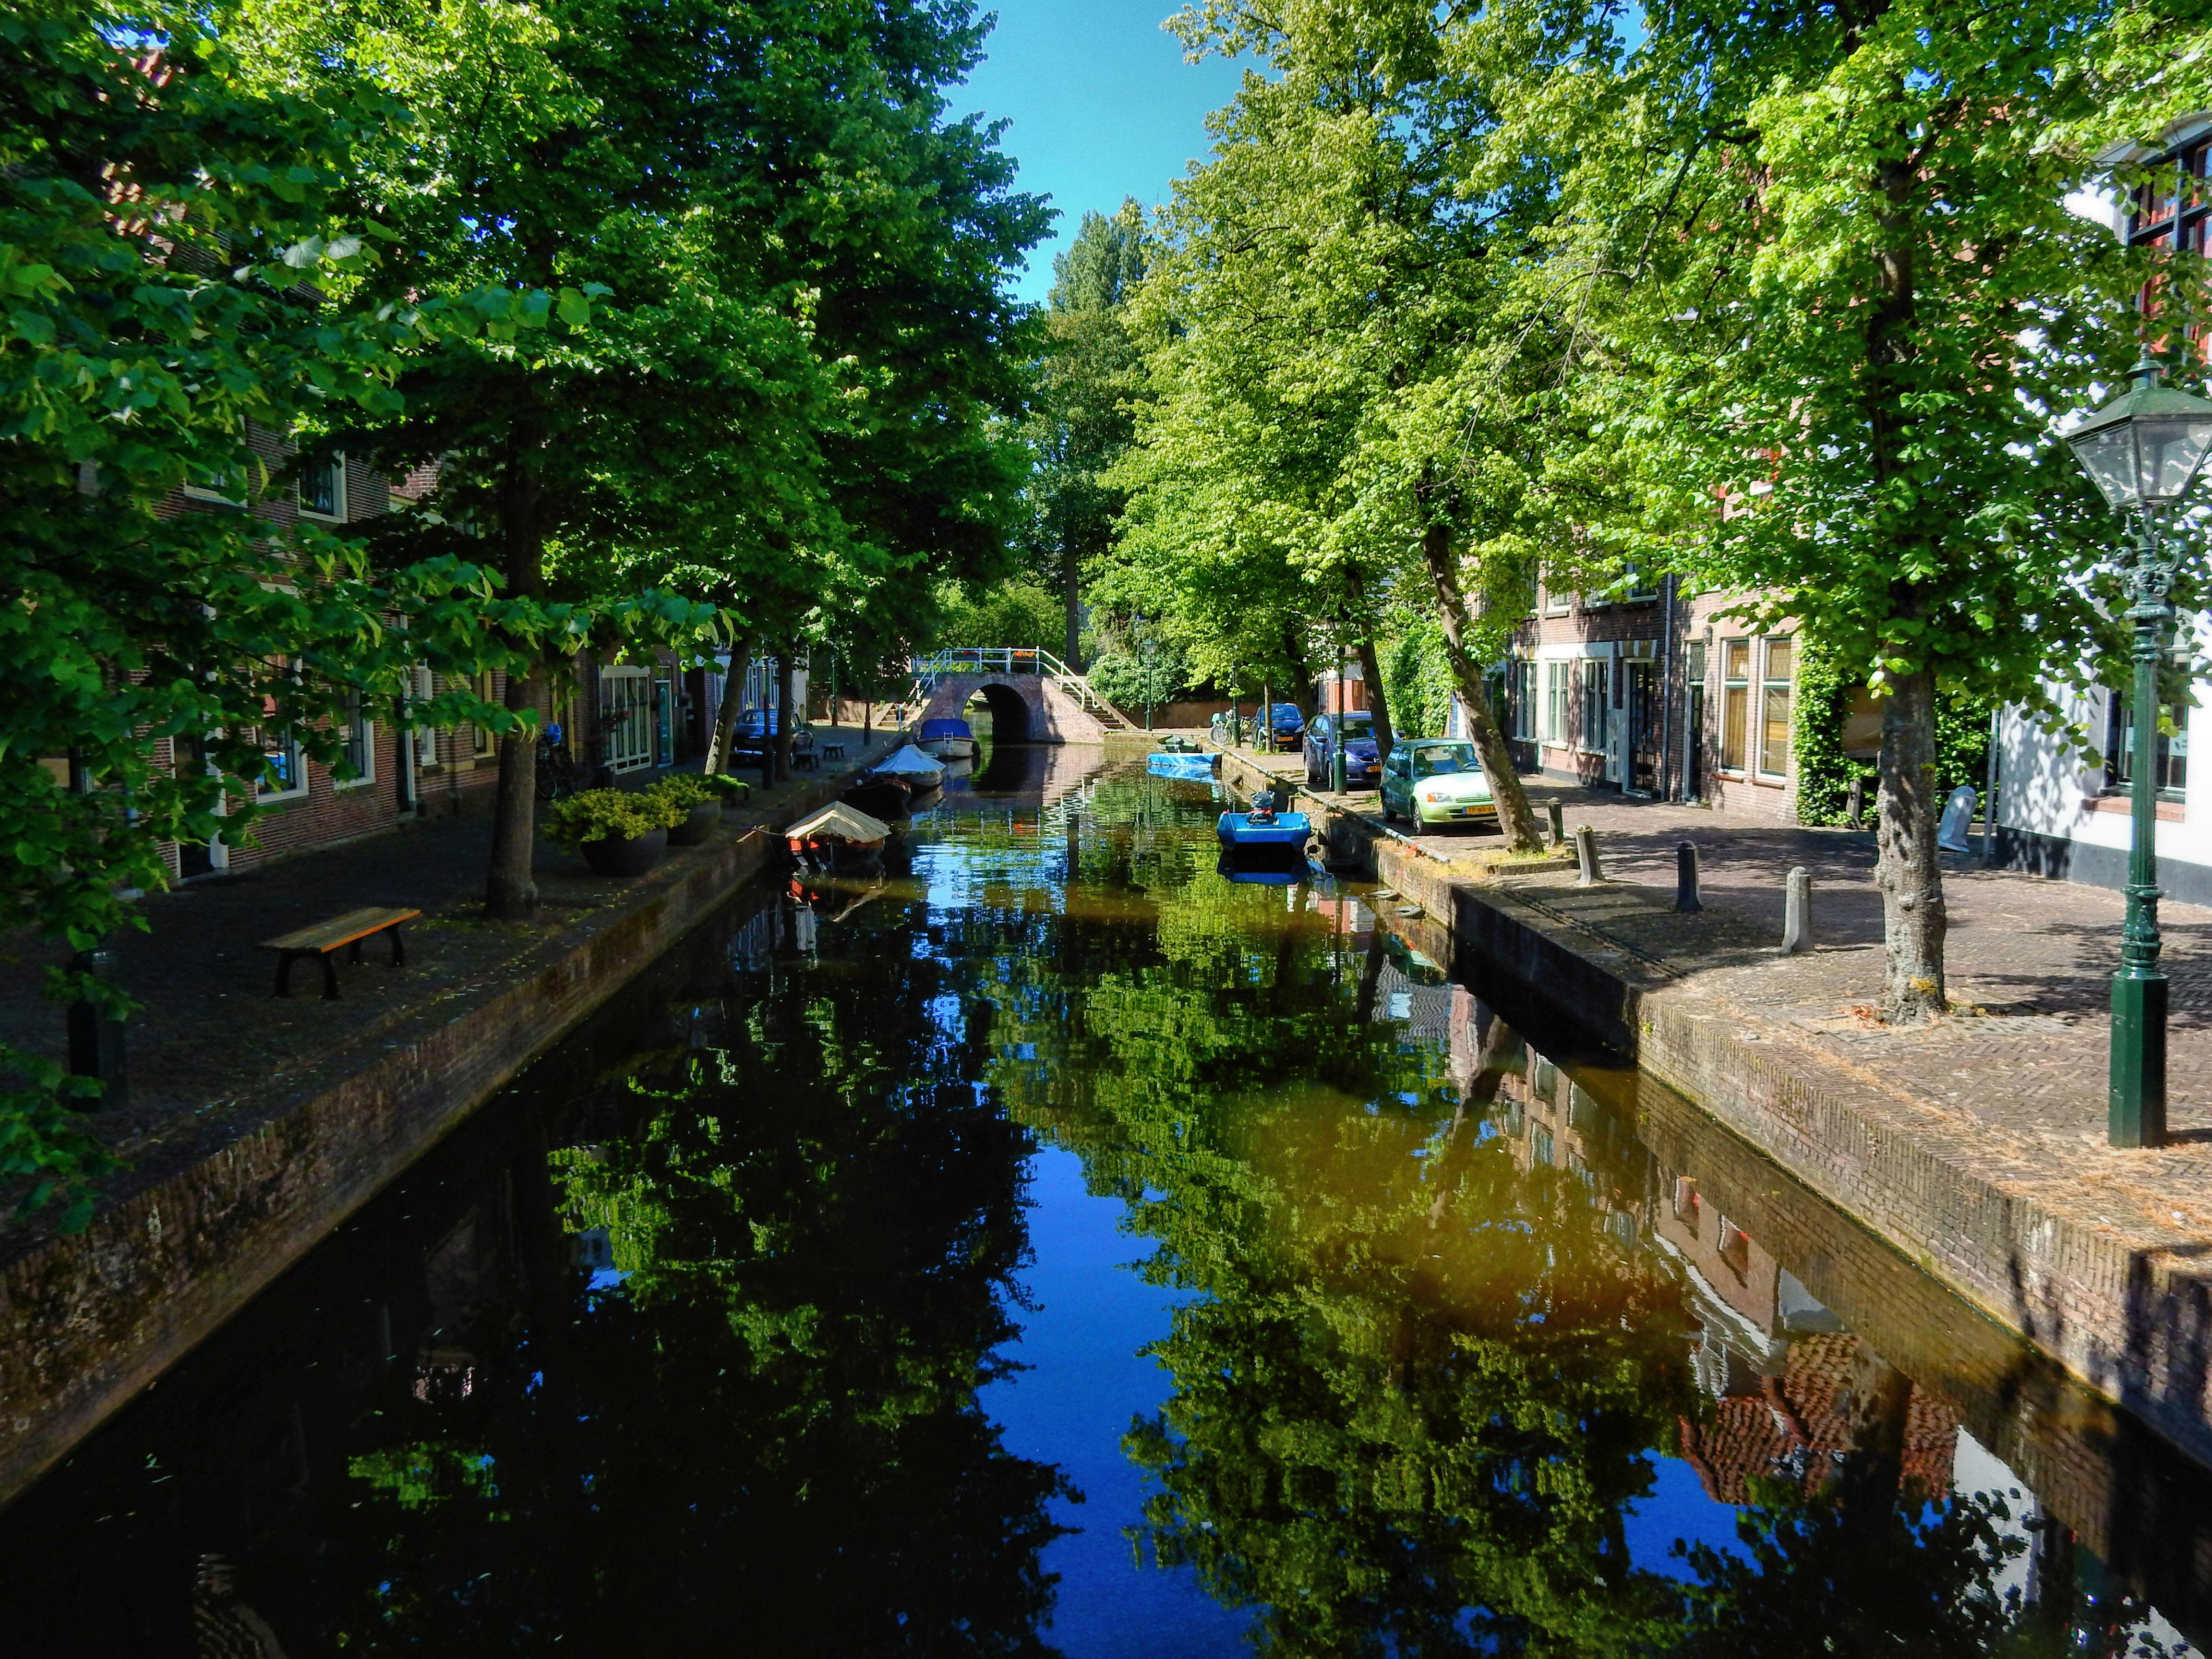 Алкмар, Нидерланды, Голландия